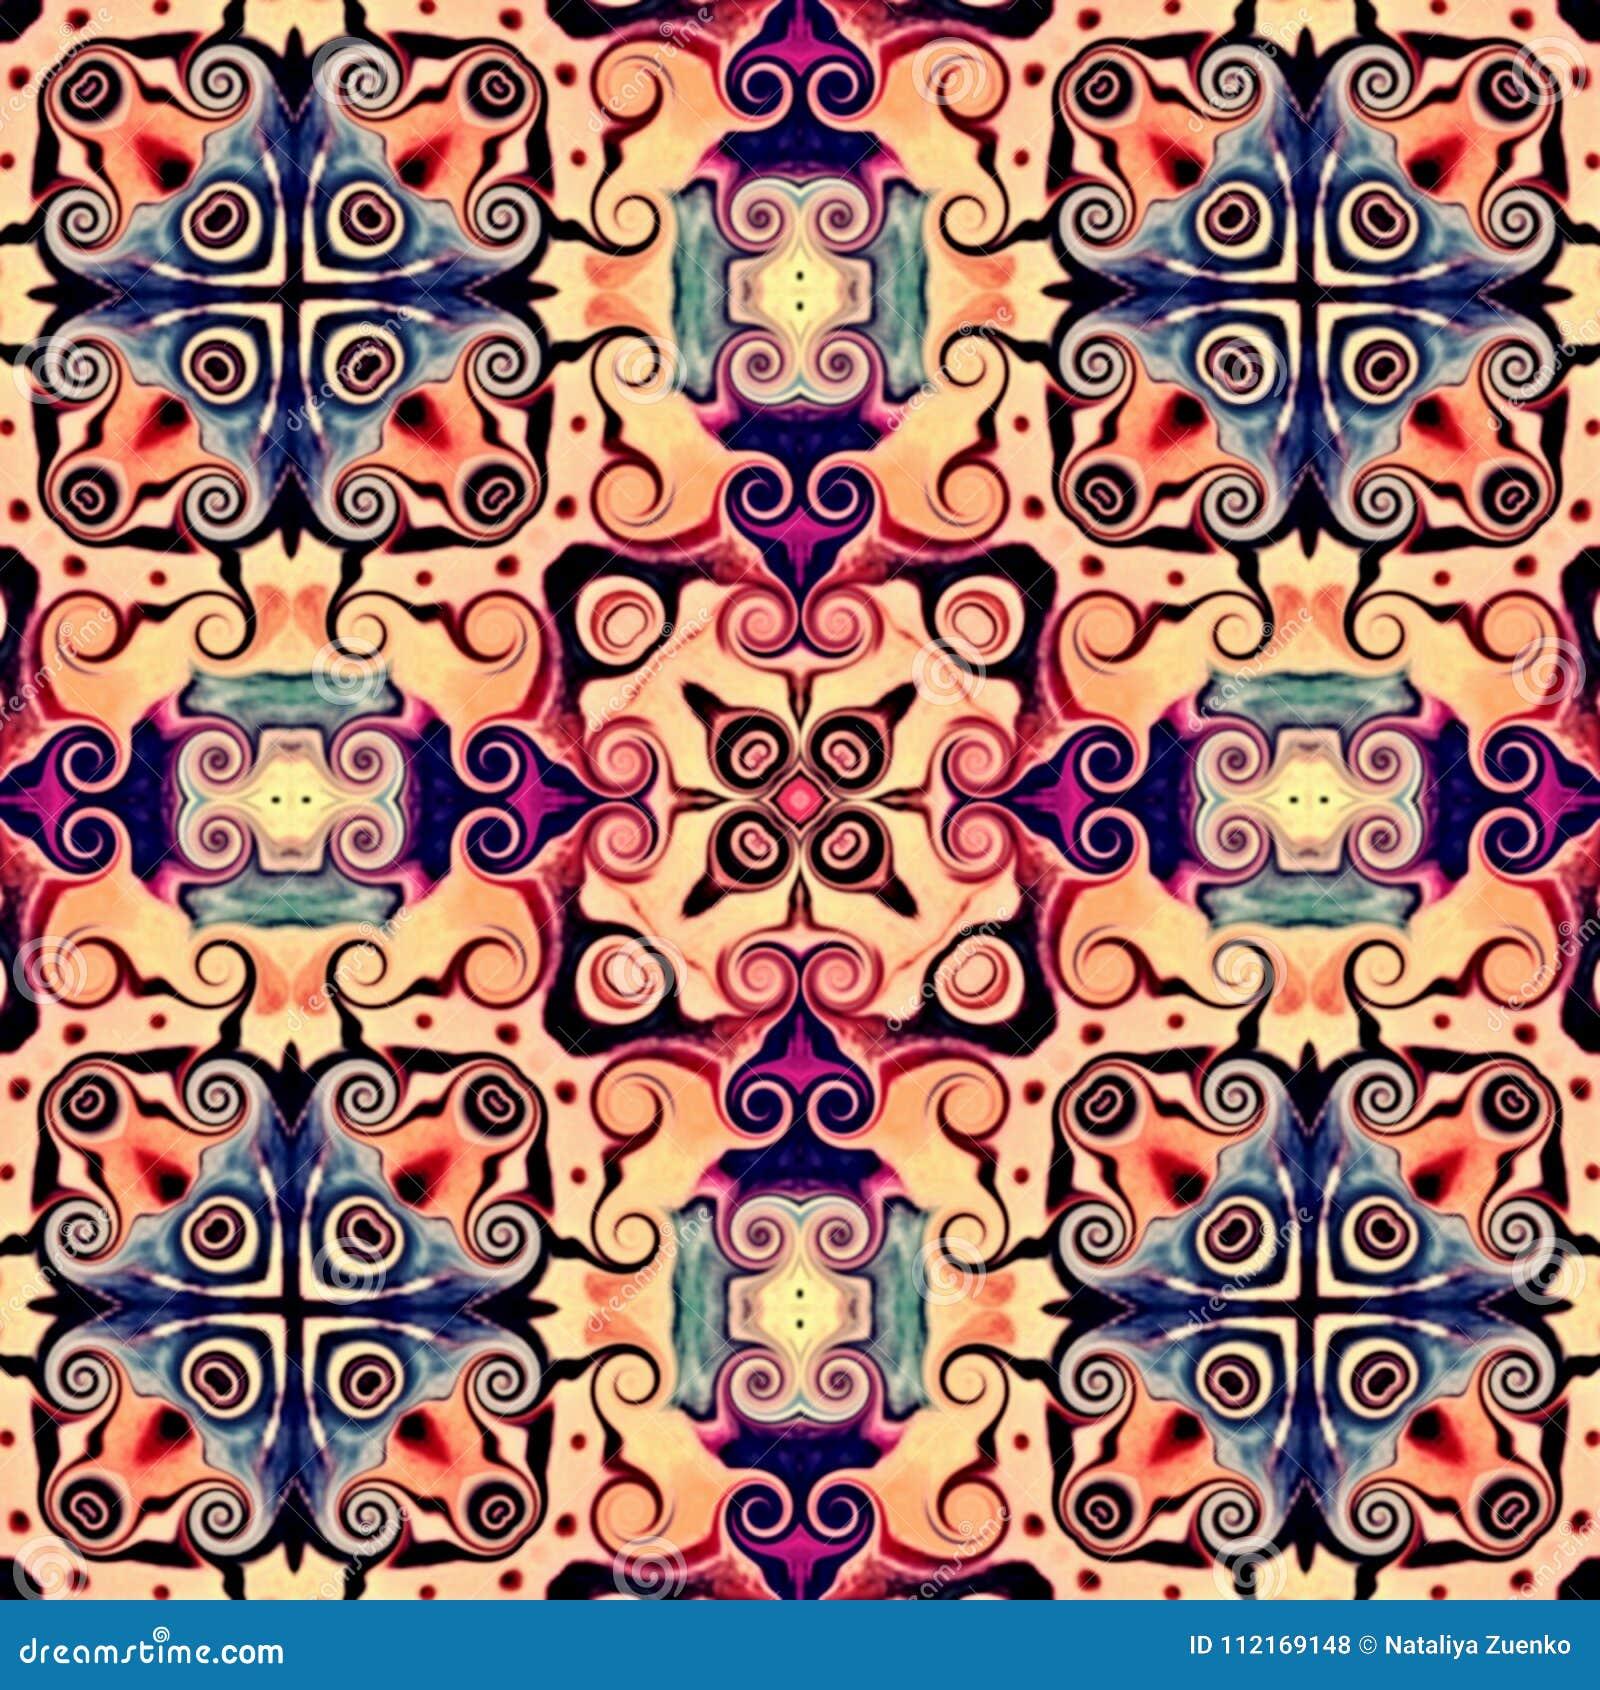 Nahtloses Rastermuster in psychedelischem Muster Mosaik orientalischer Art Blume für Tapete, Hintergründe, Dekor für Tapisserien